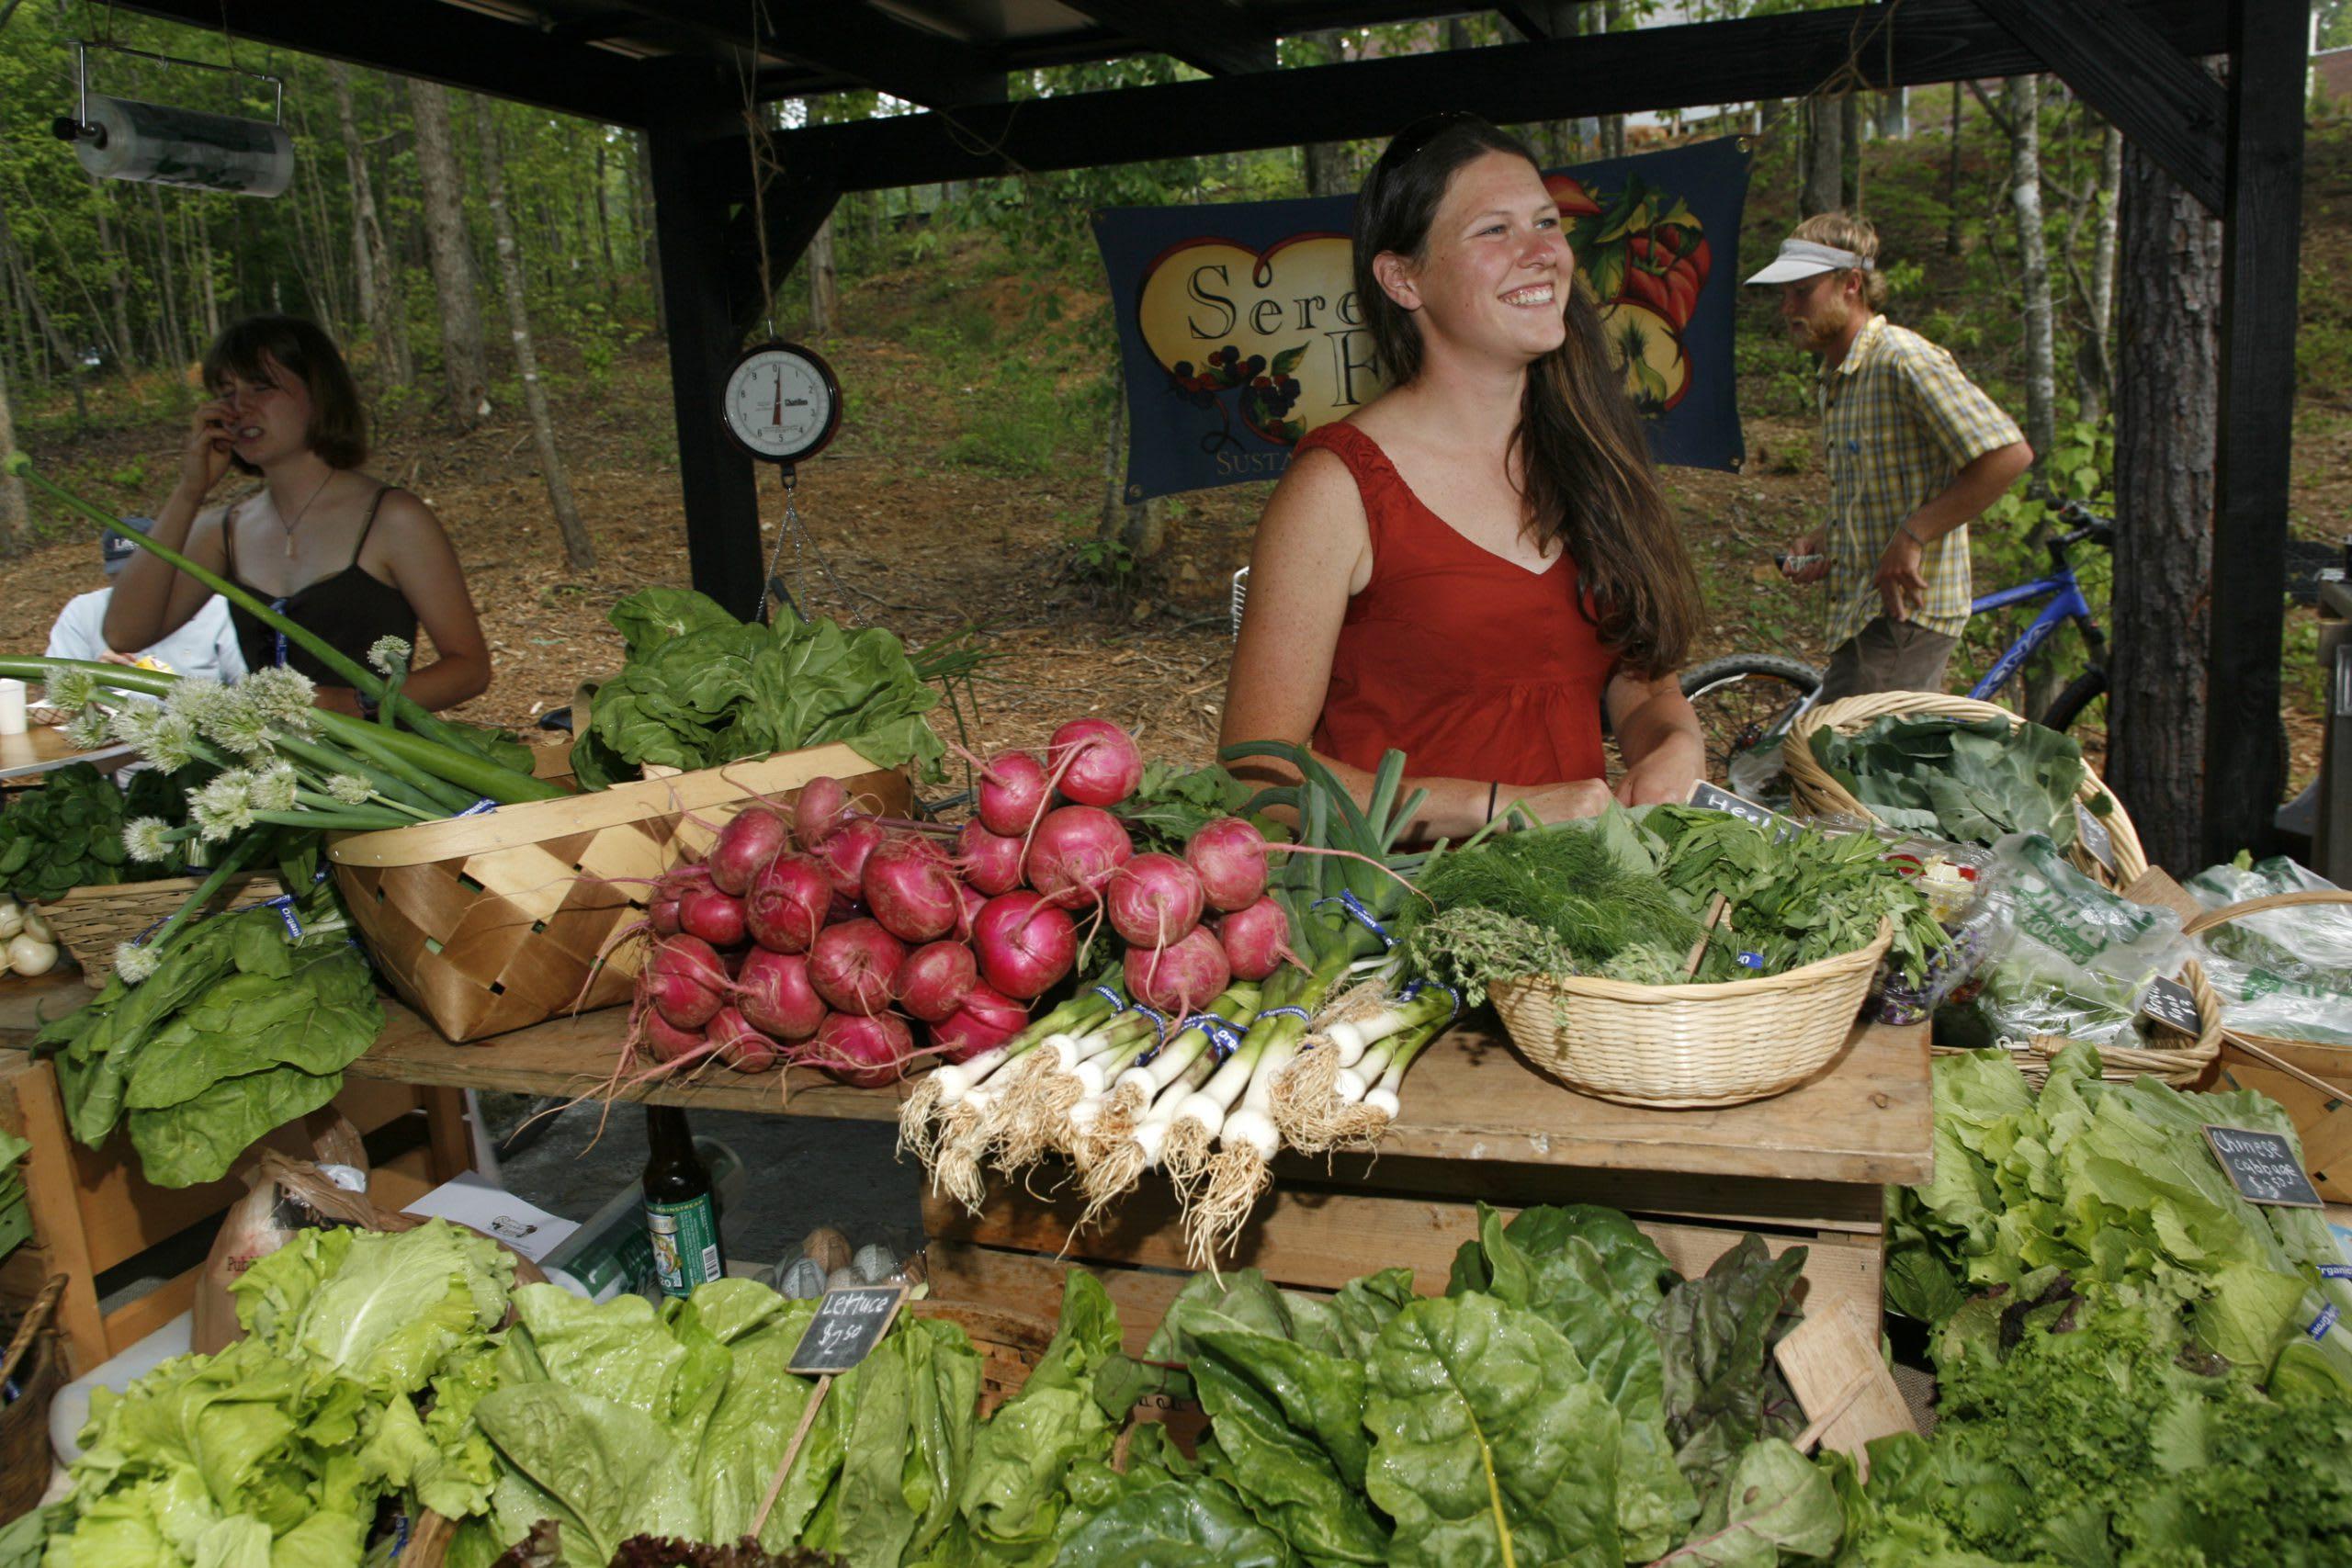 Serenbe Farmers Market